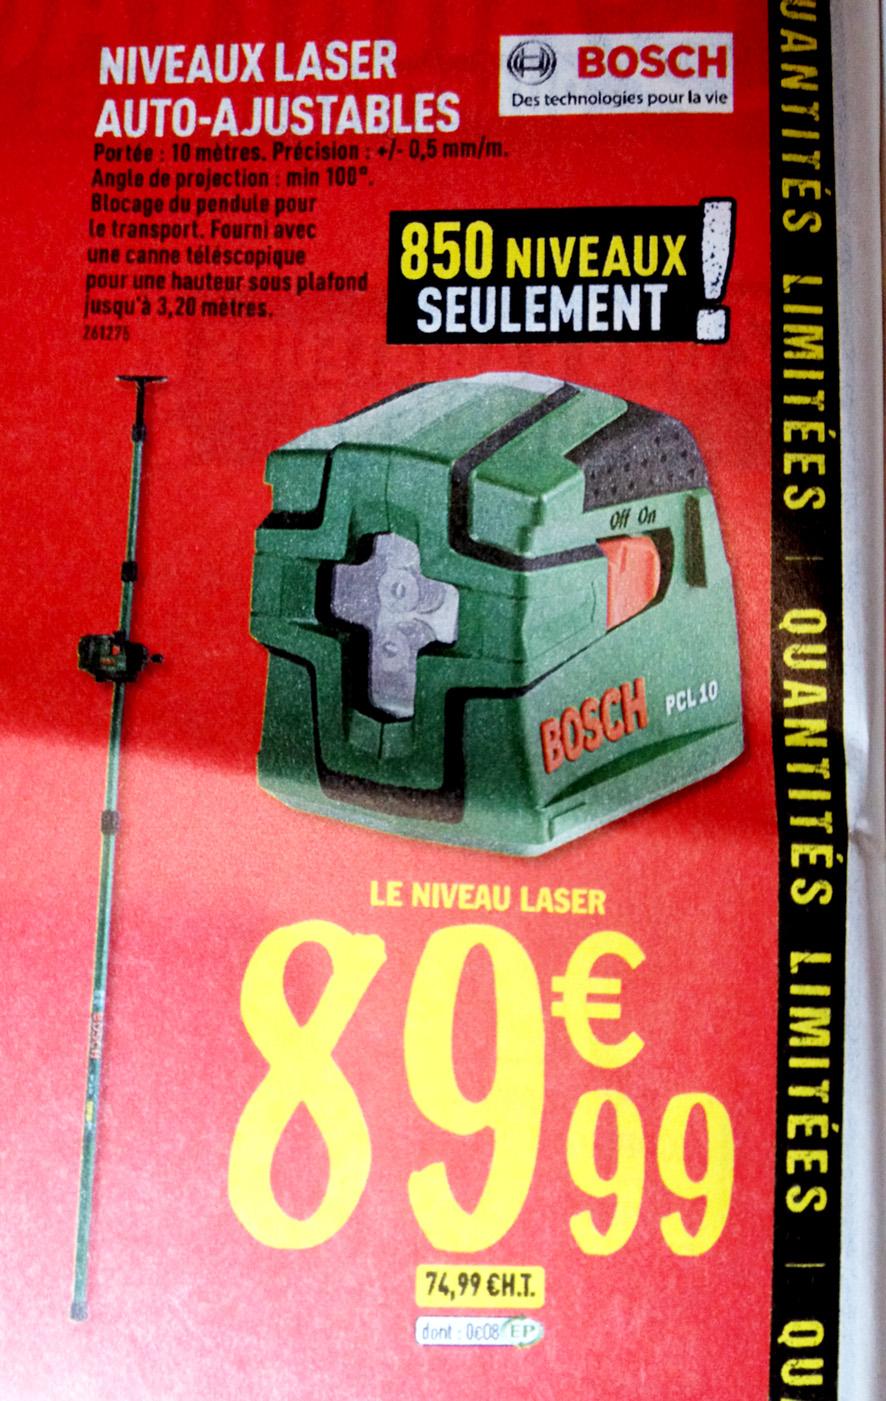 Niveau Laser Bosch PCL 10 + Tige télescopique Bosch 3,2 m